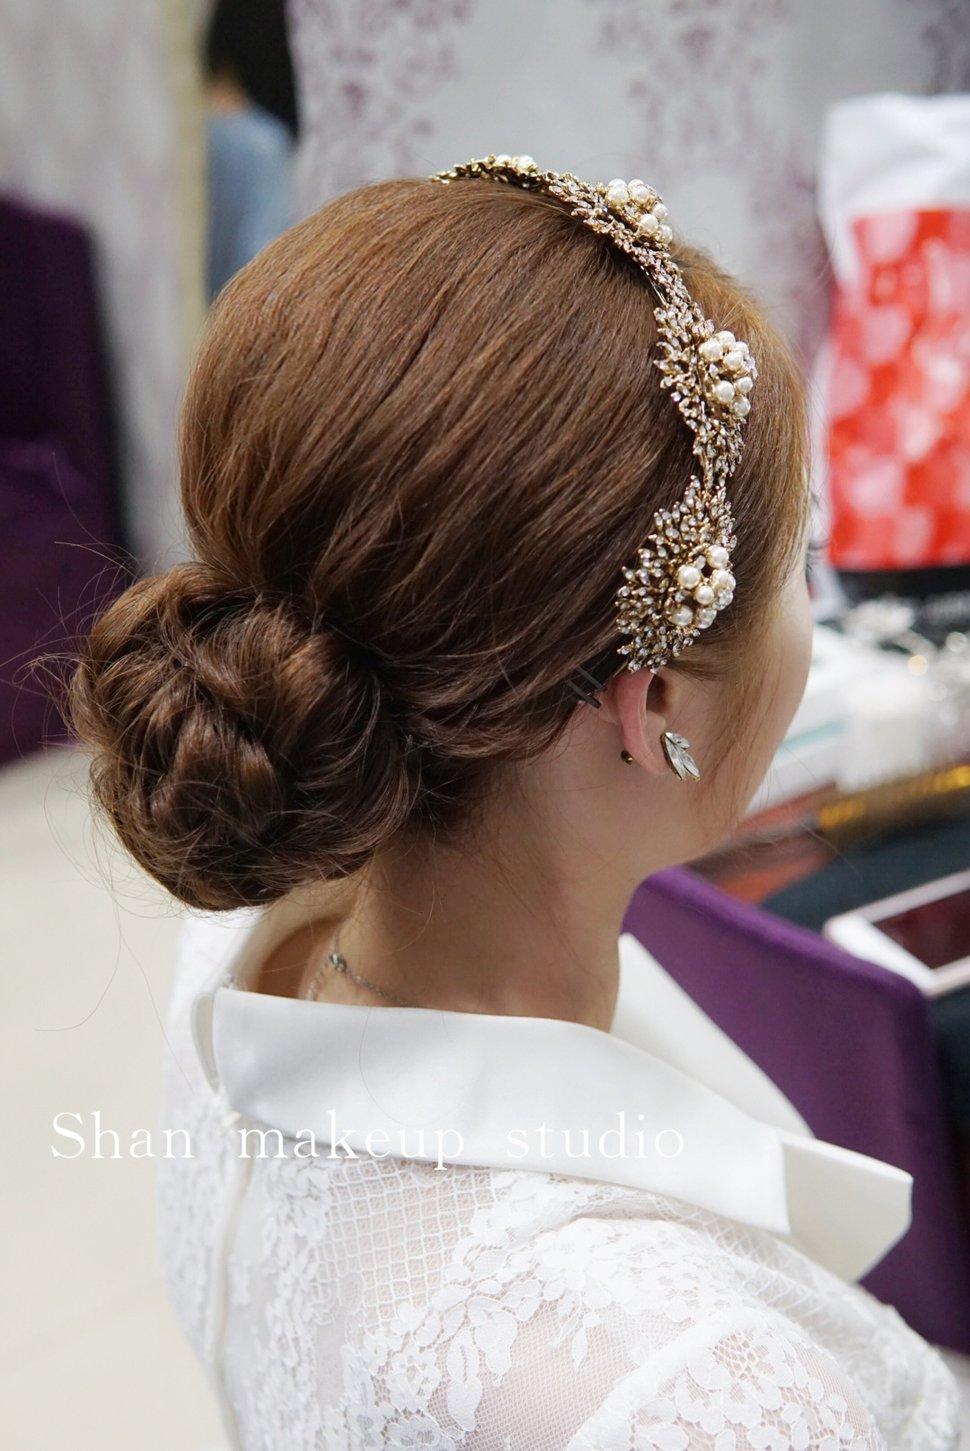 IMG_9238 - 湘翎Shan Makeup studio《結婚吧》